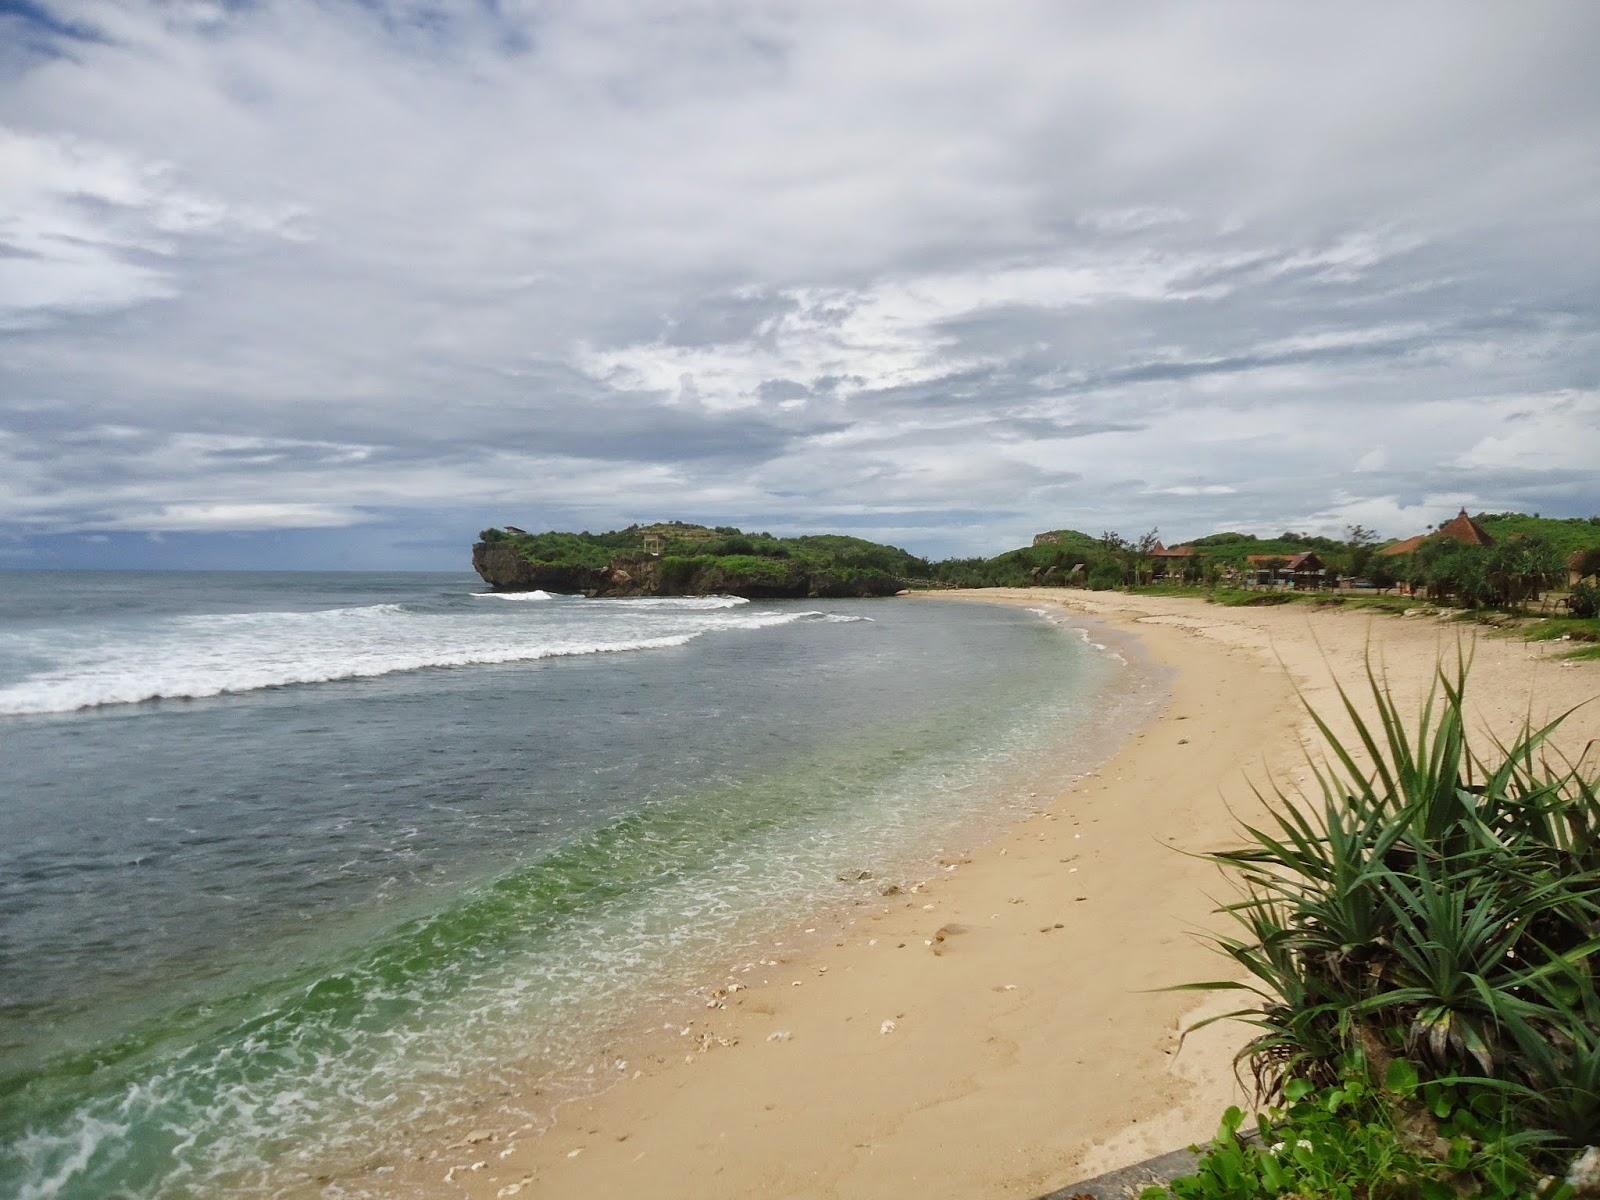 Pantai Slili Cantiknya Pantai Kecil Di Yogyakarta Yogyakarta